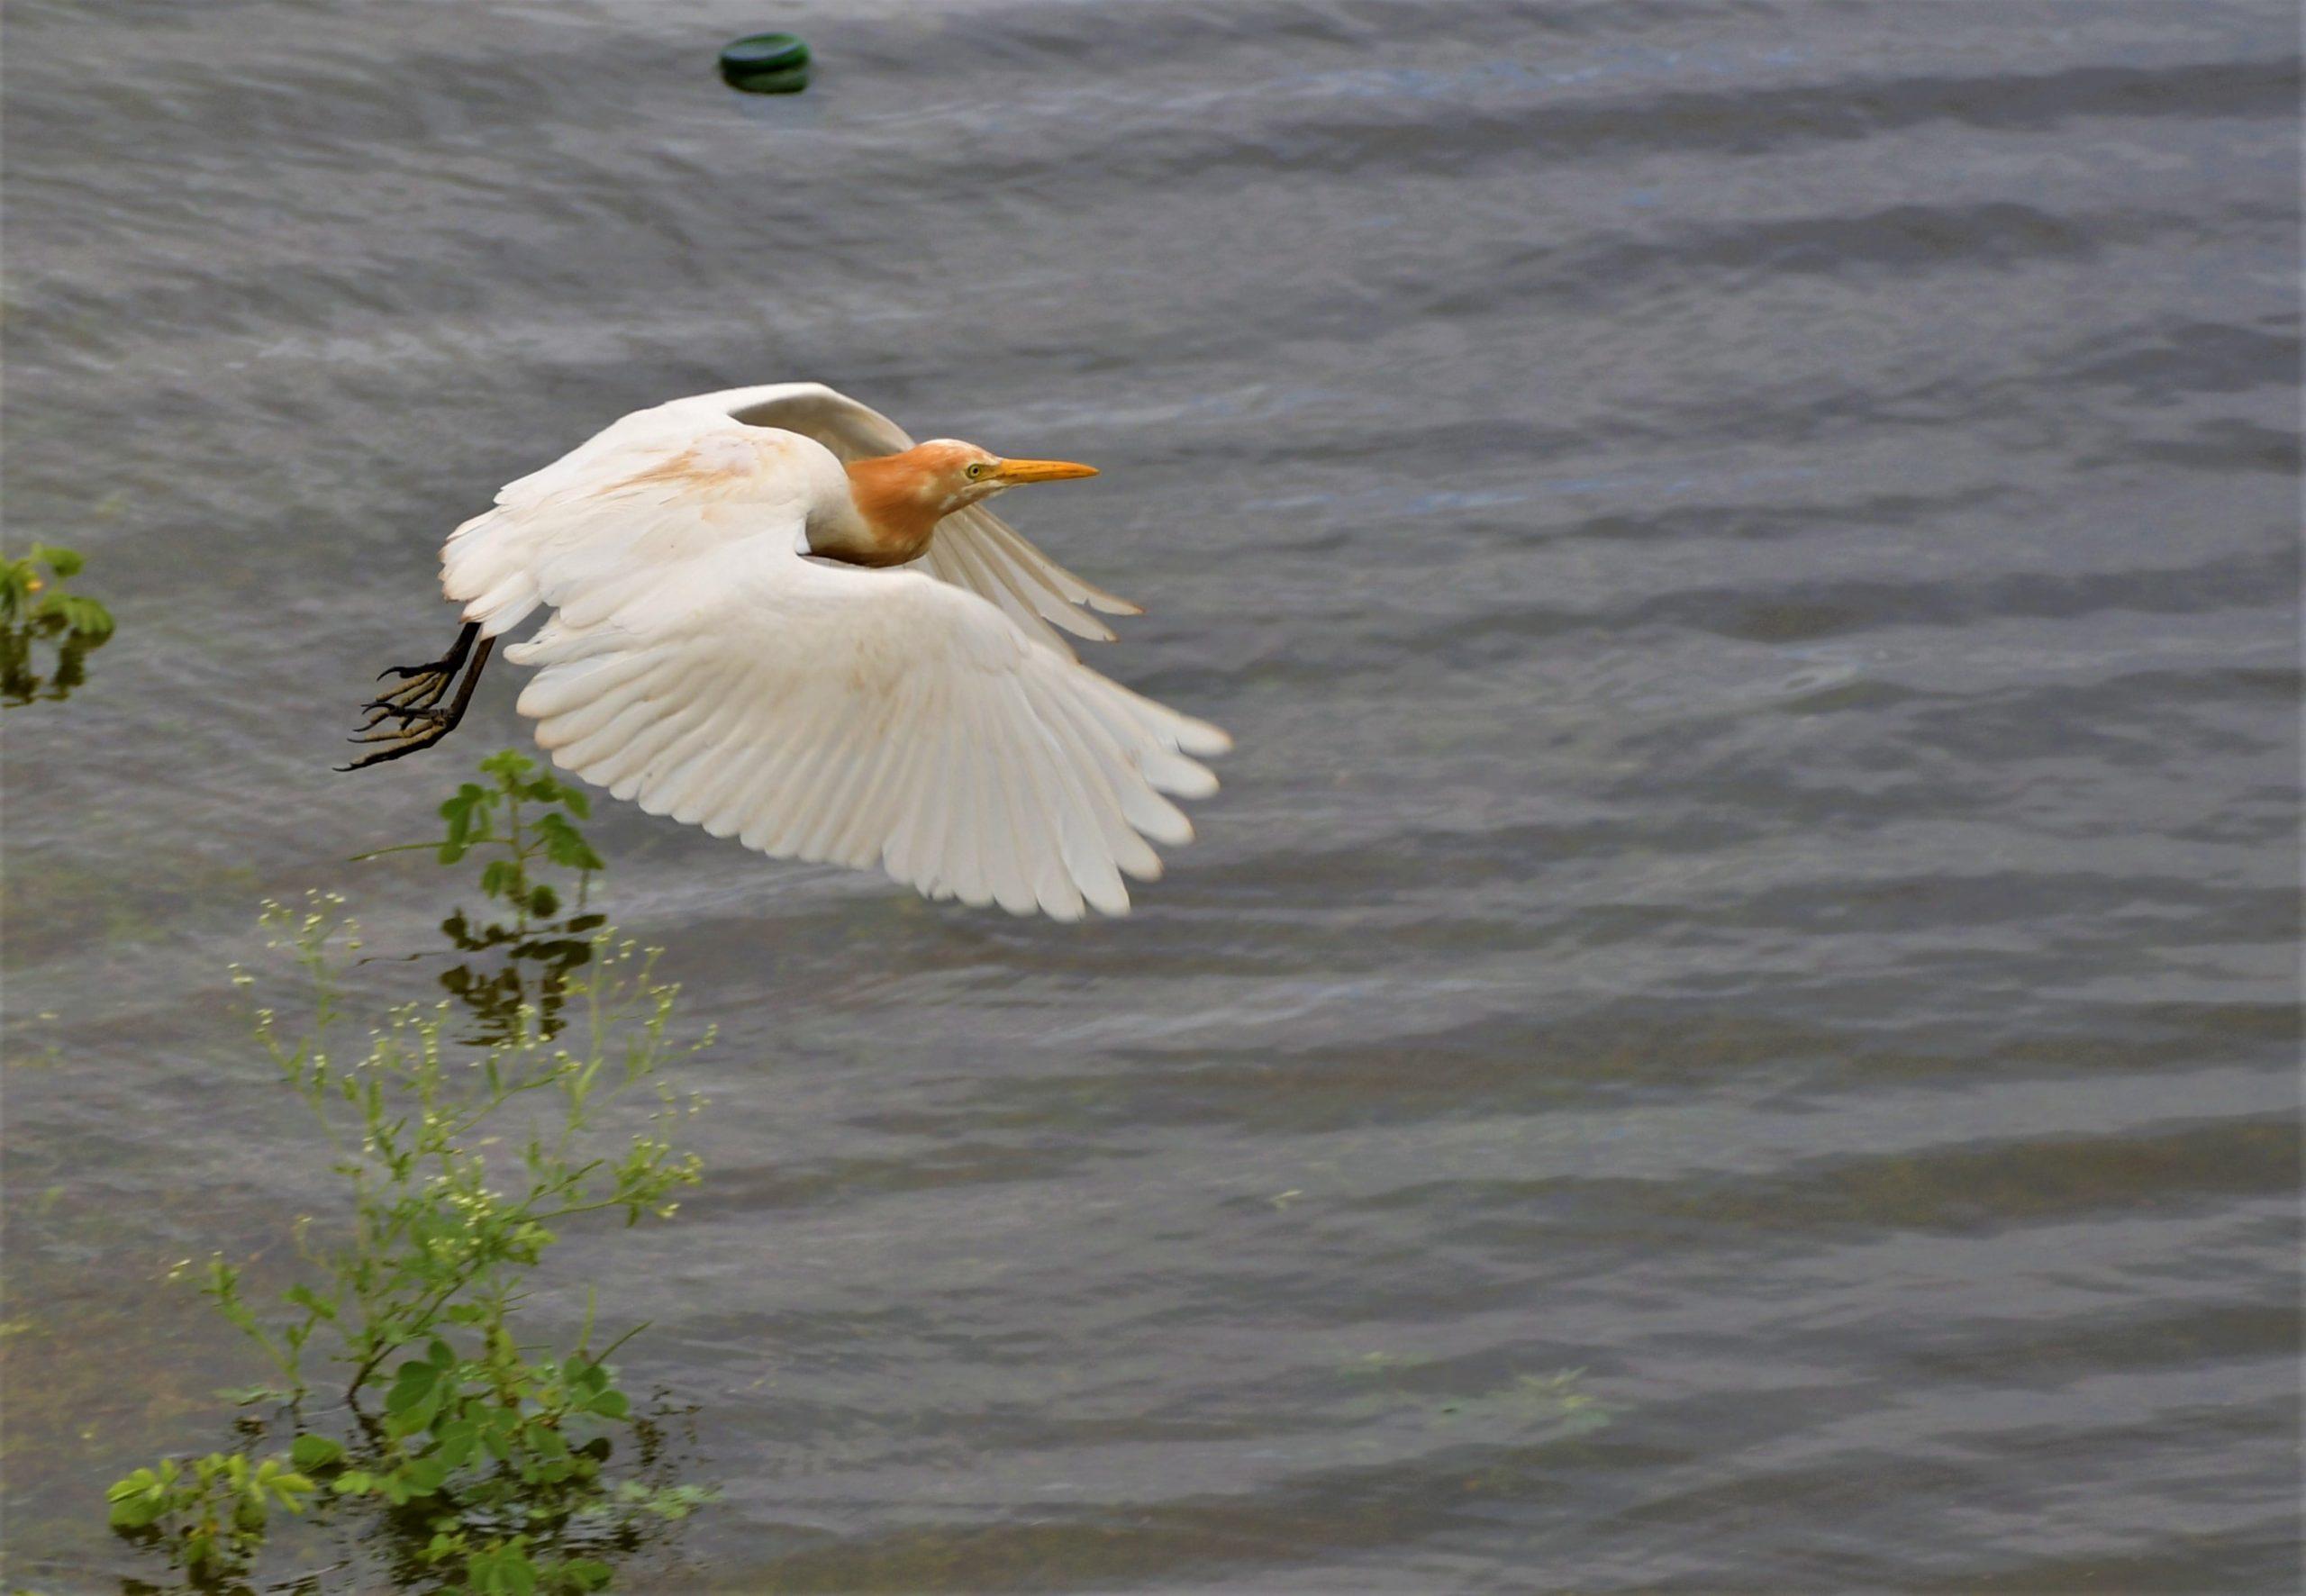 Cattle Egret bird flying over the lake